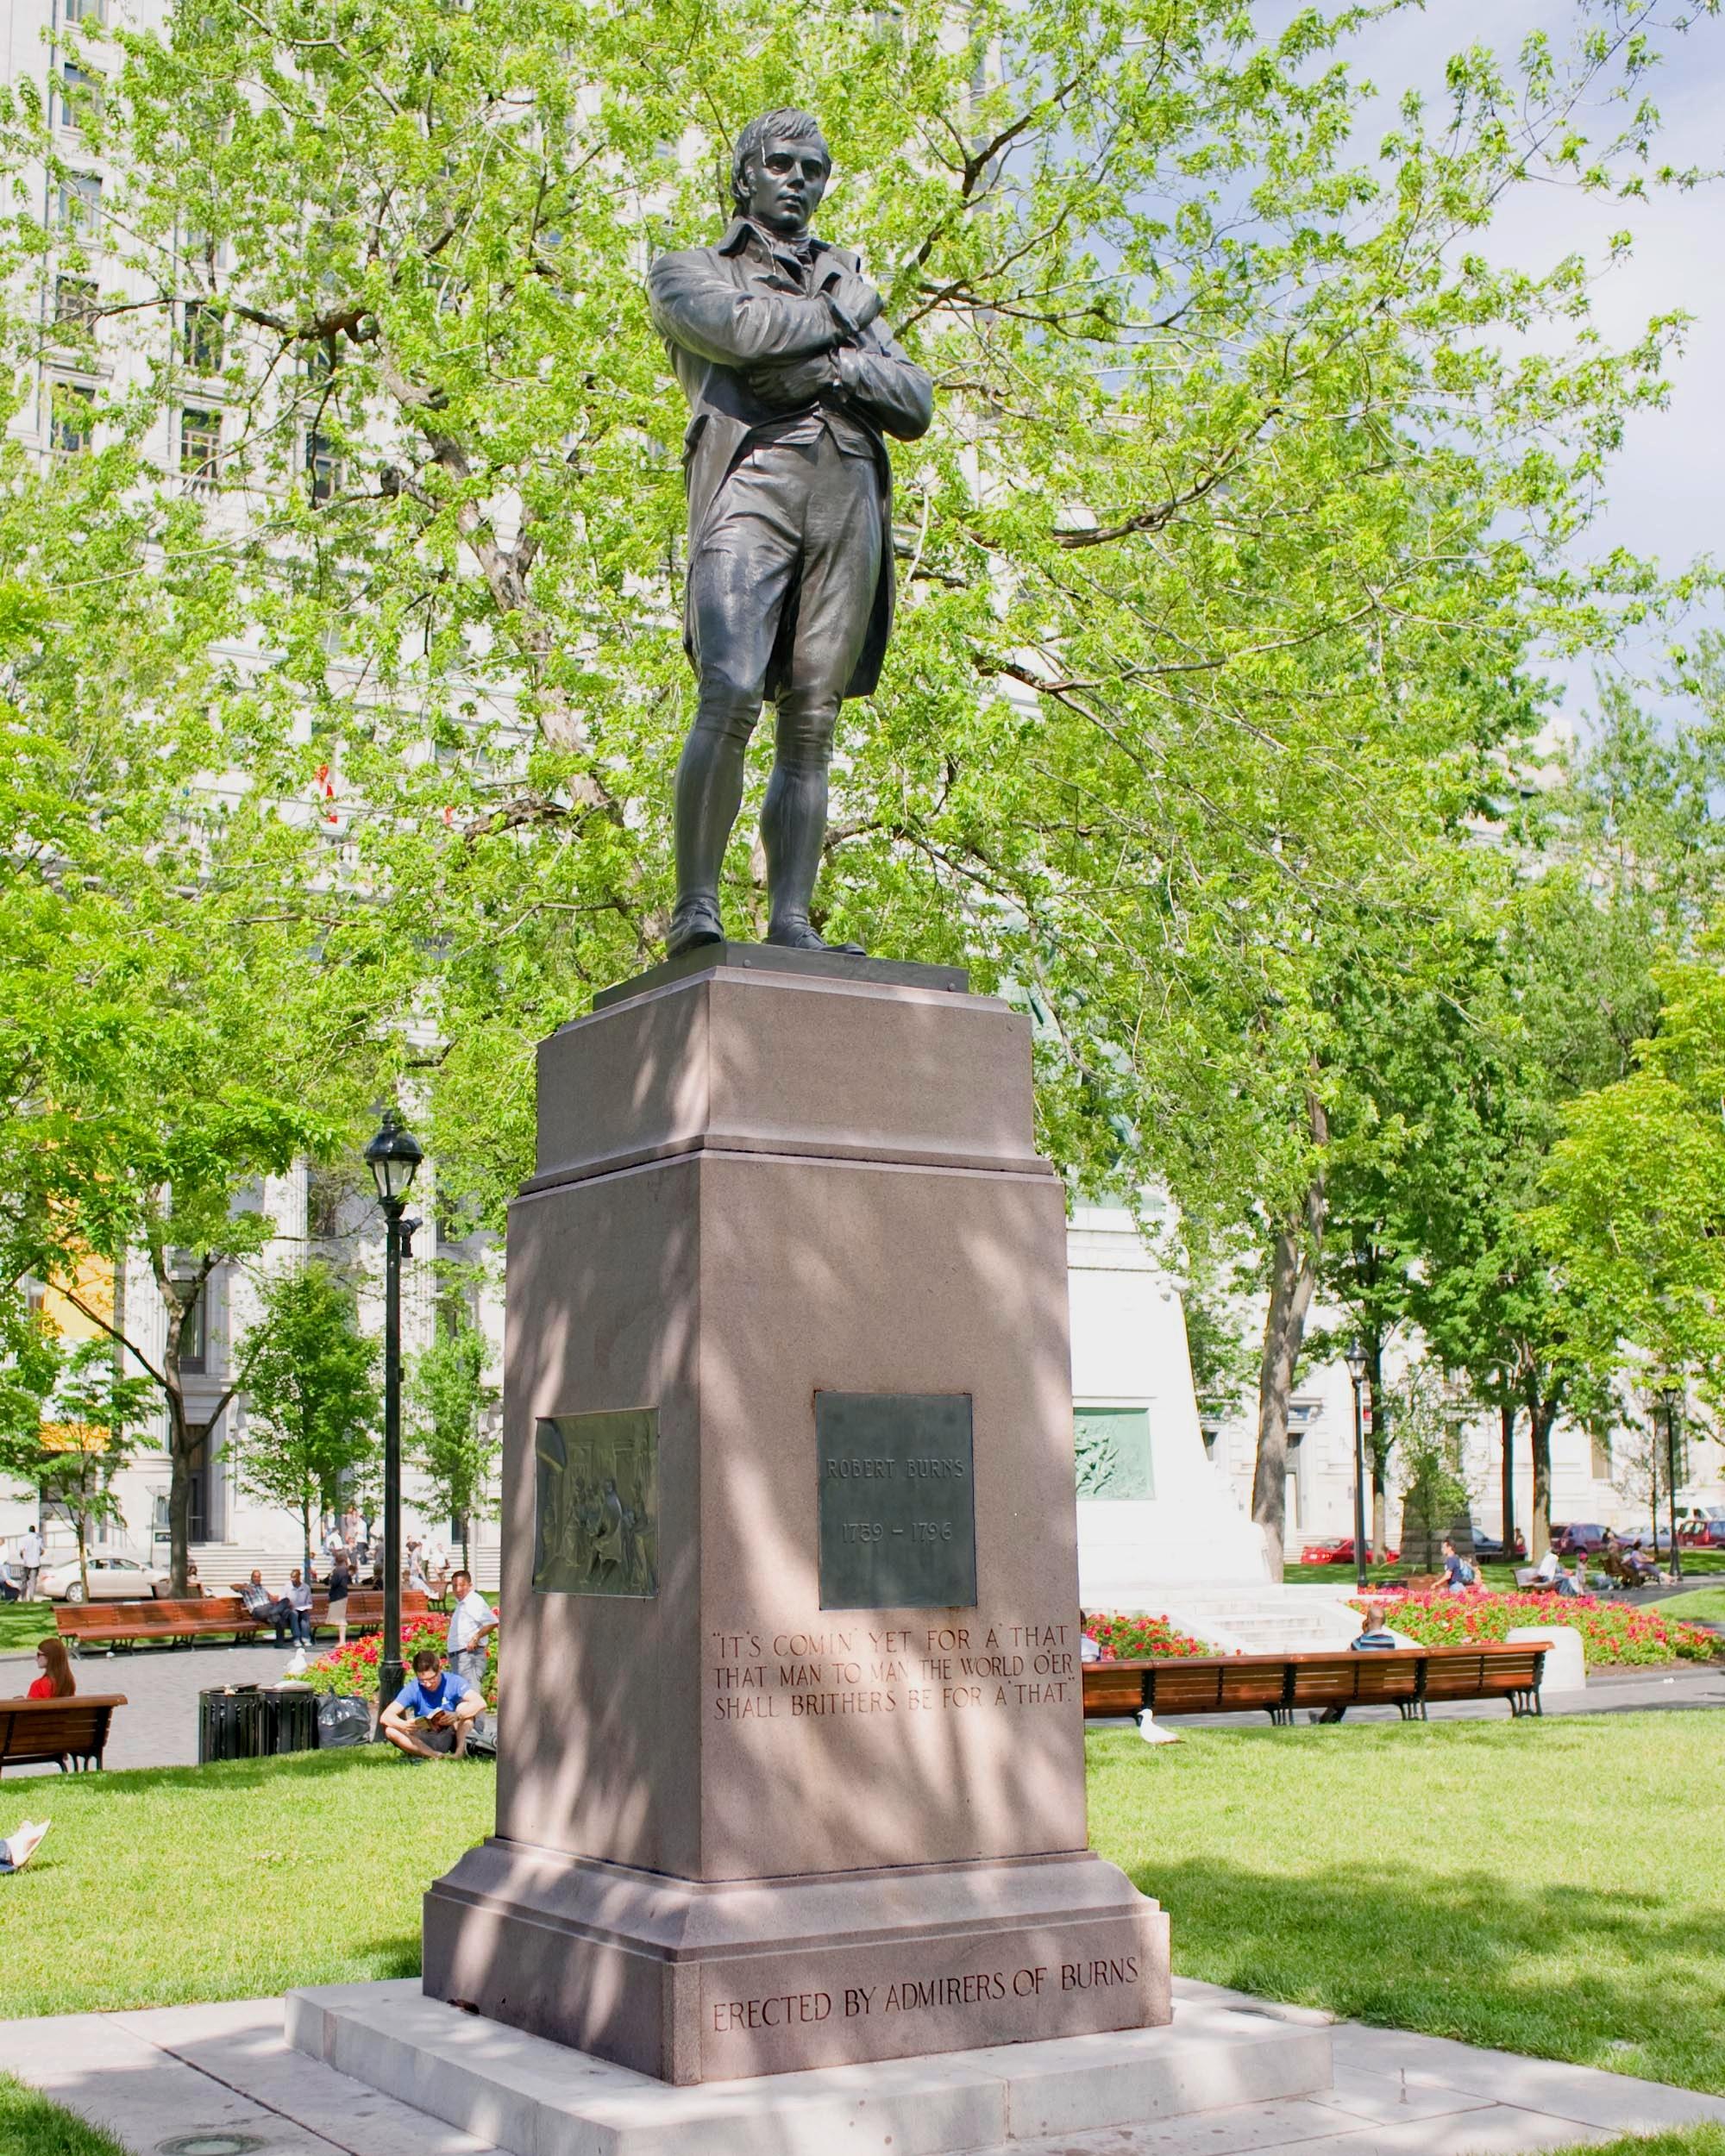 Robert Burns Statue, Montreal, Canada